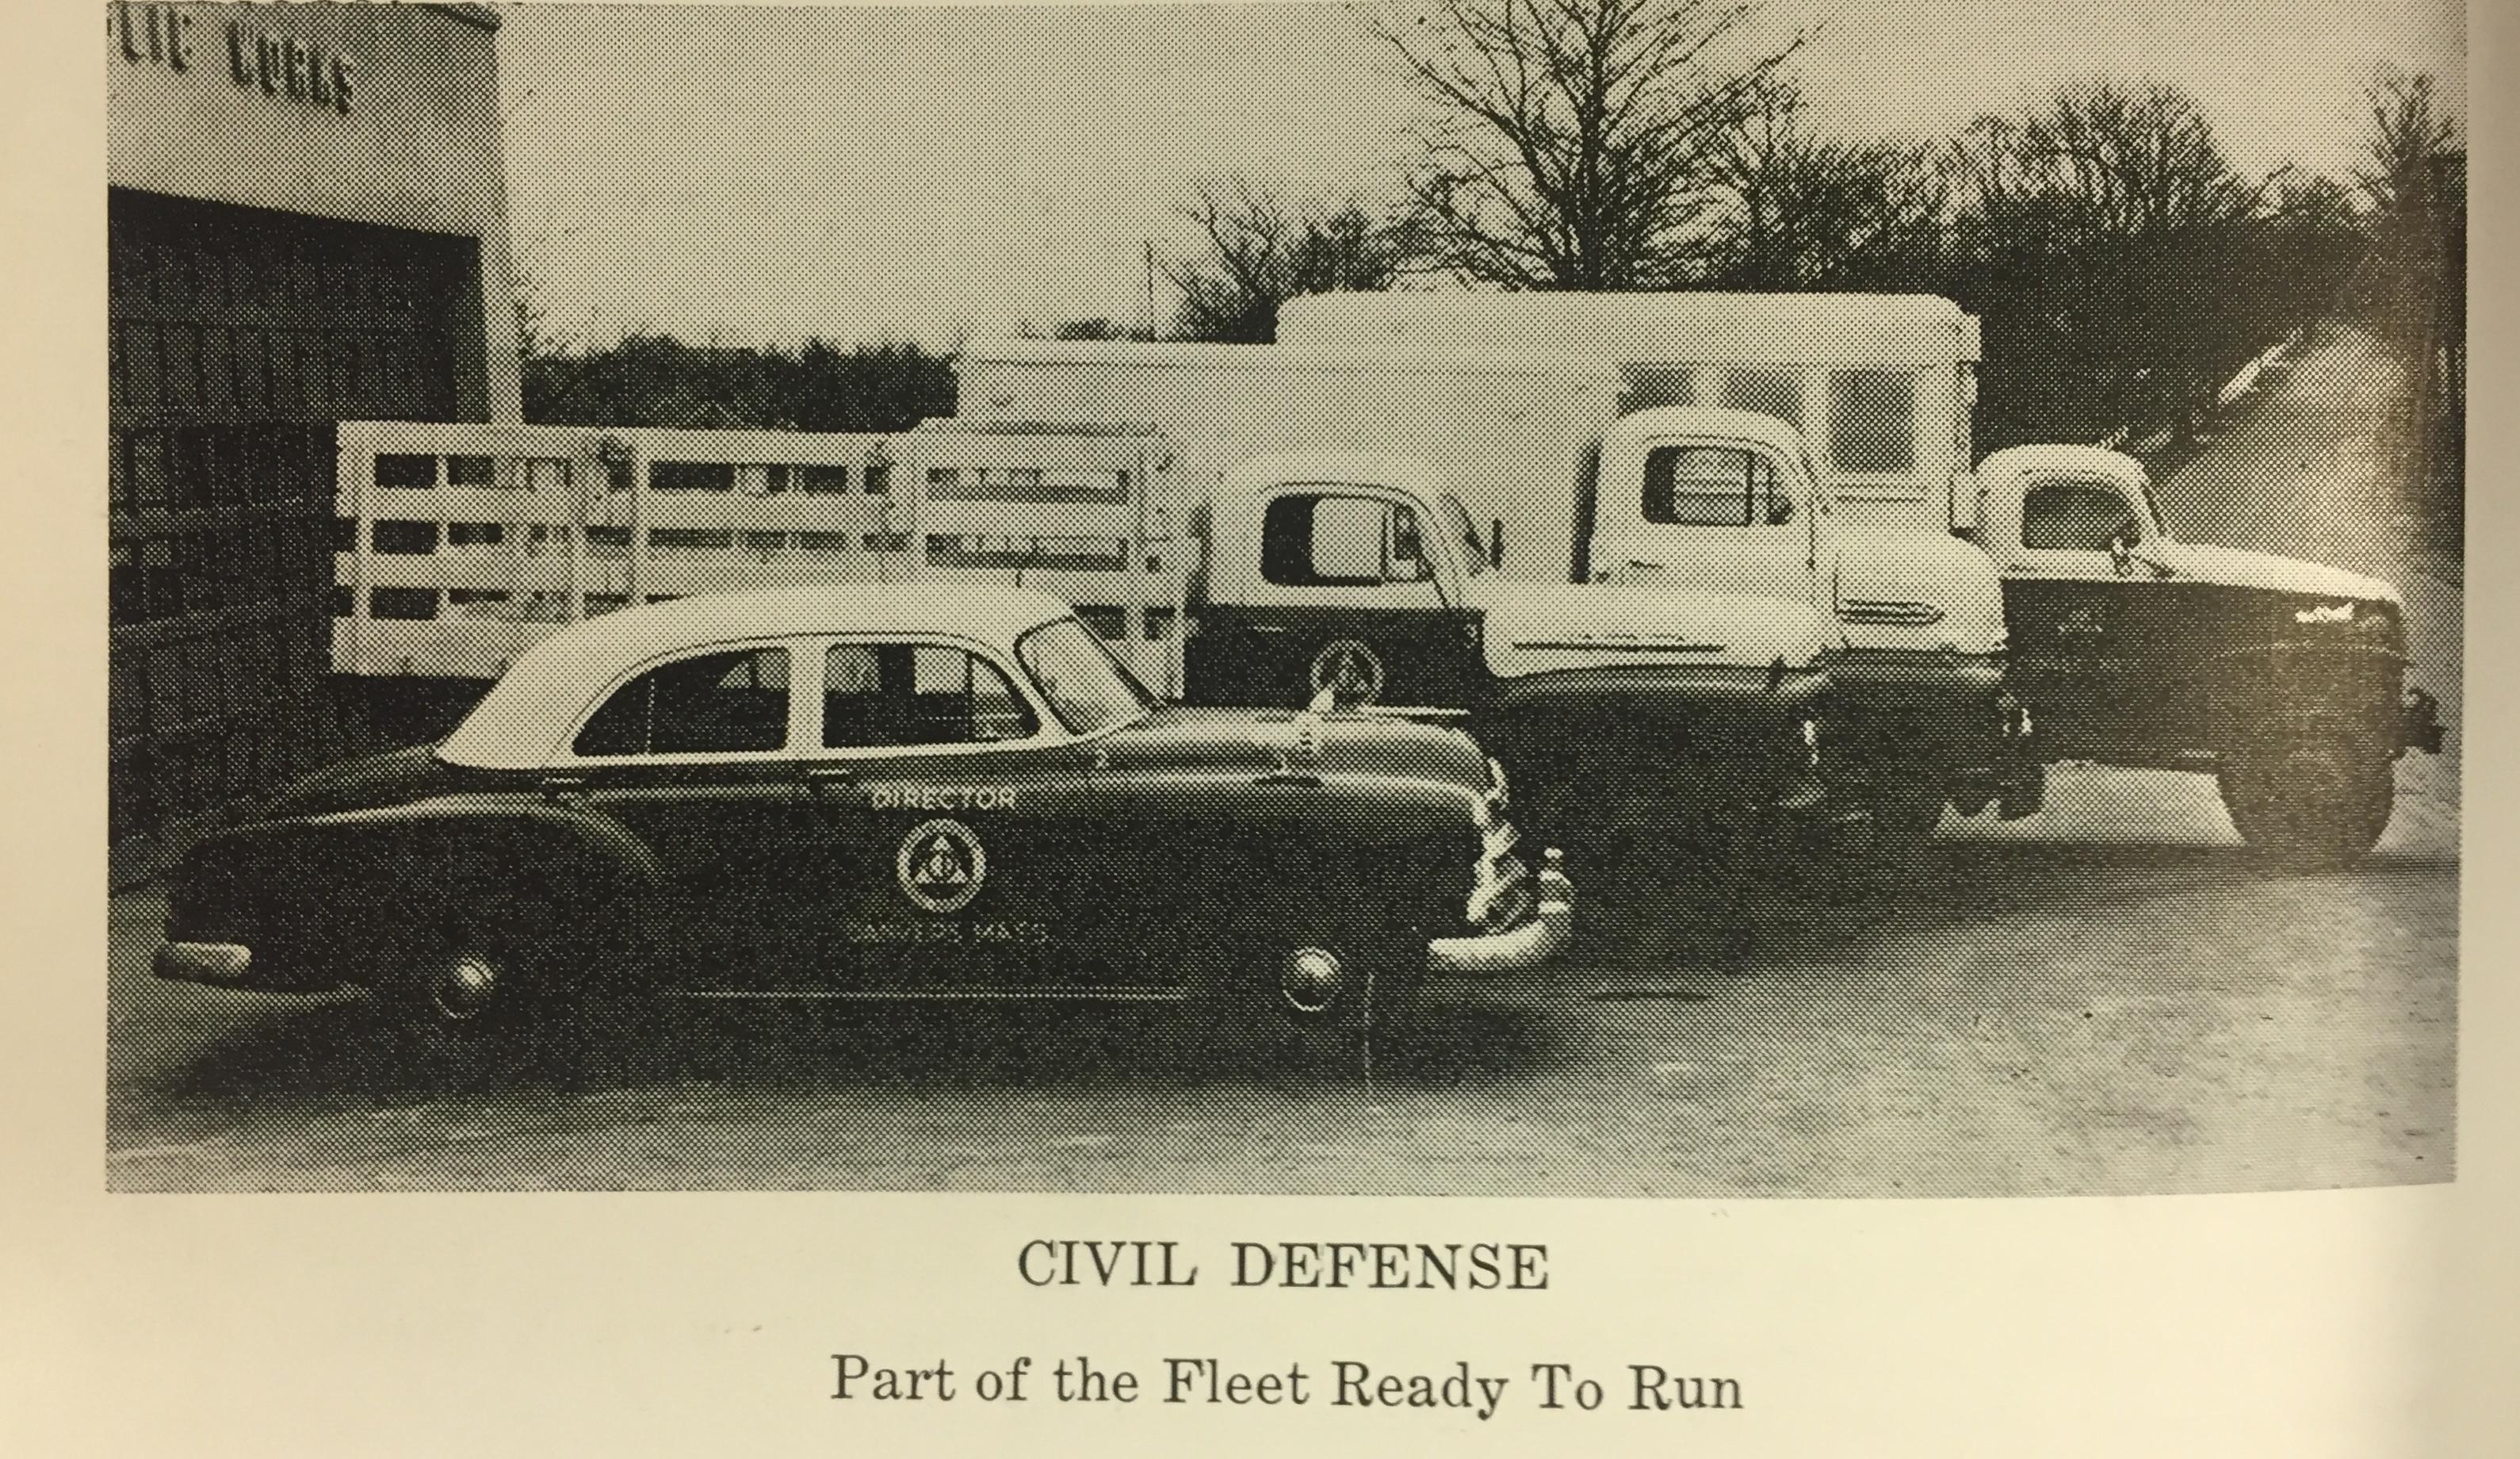 Civil Defense Trucks